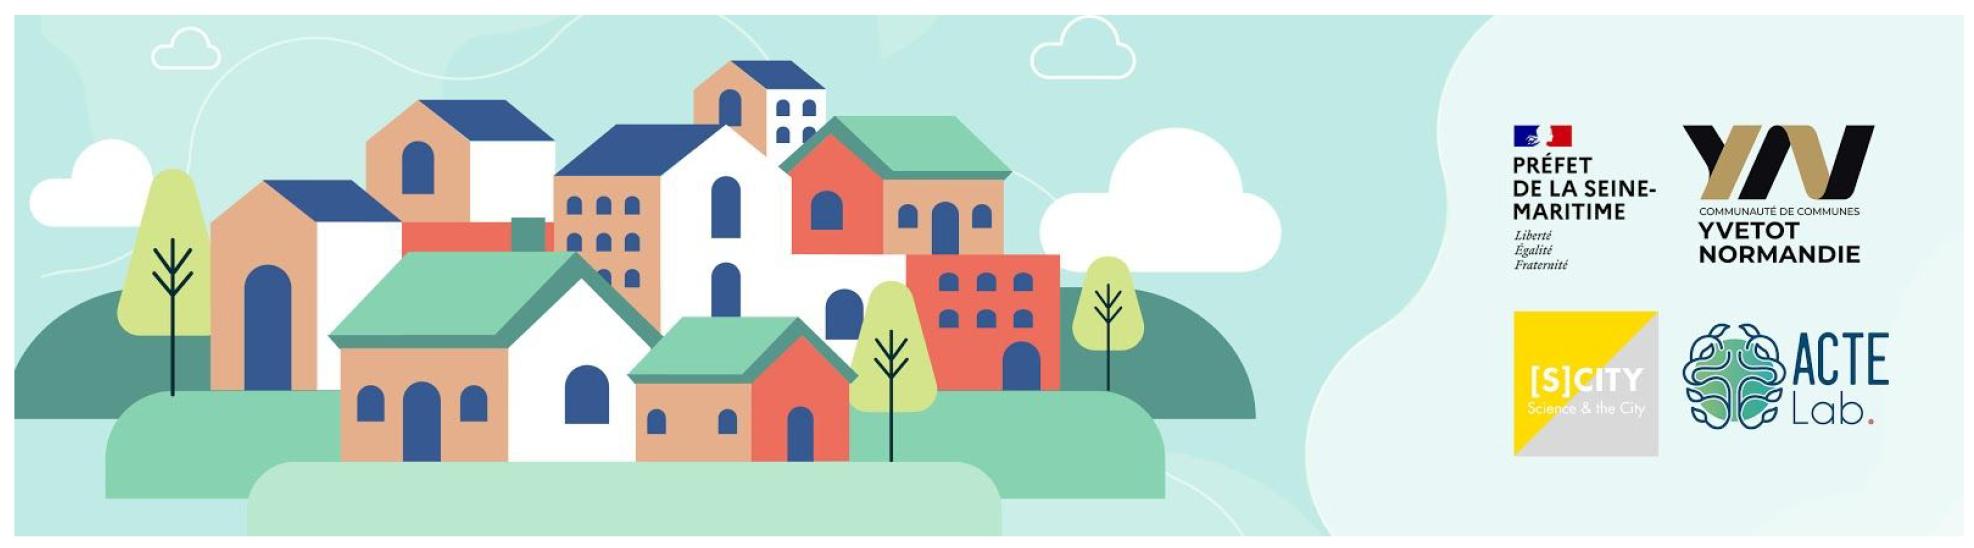 questionnaire-habitat-donnez-votre-avis